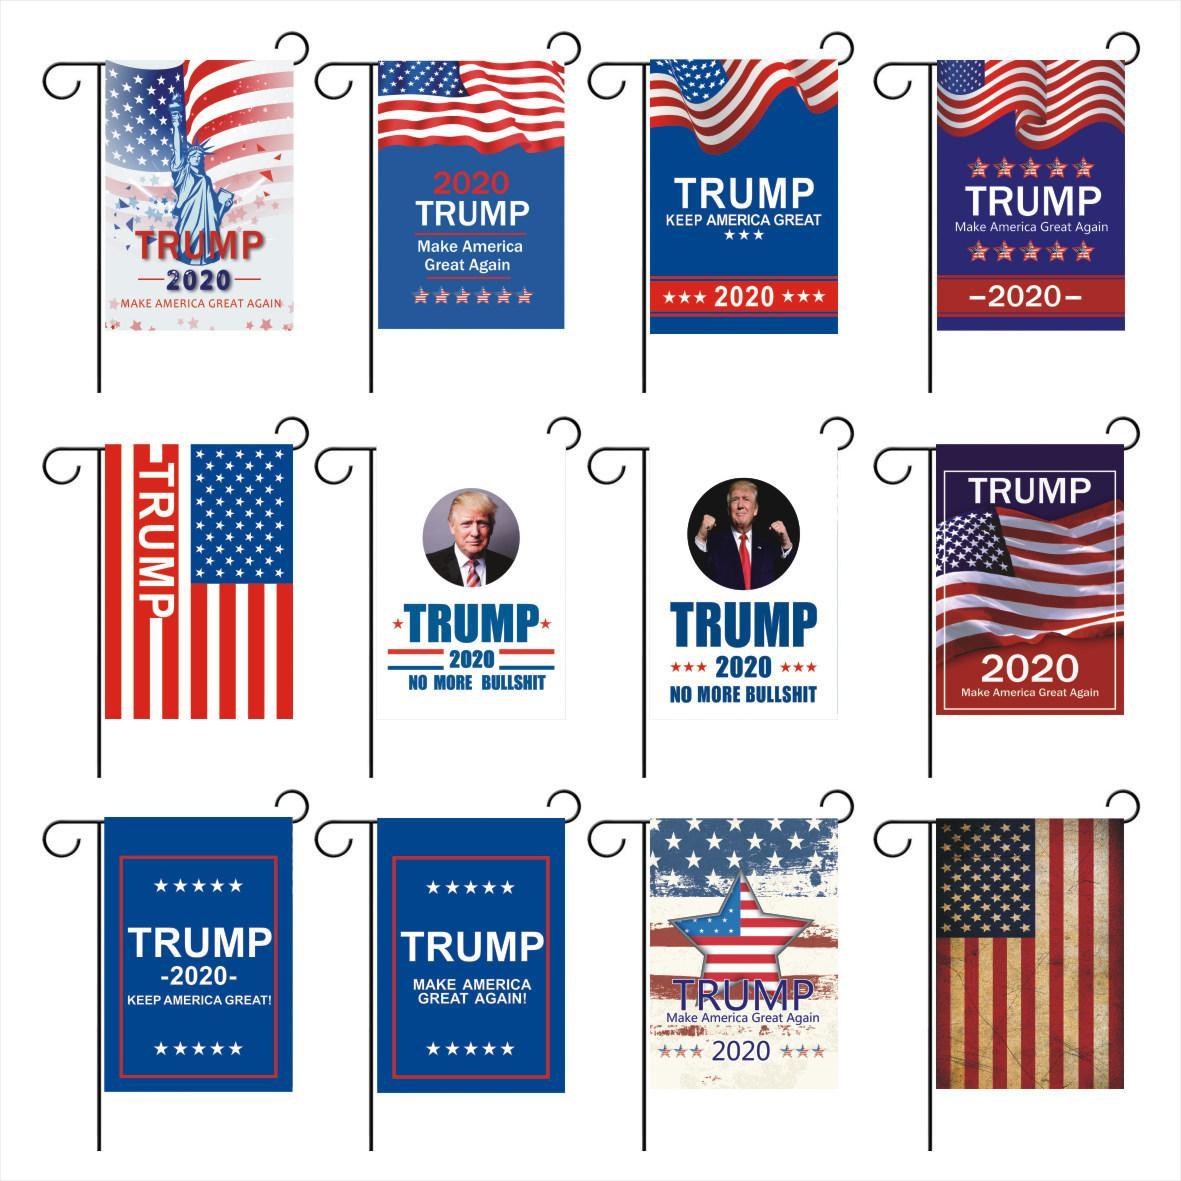 트럼프 정원 플래그 30 X 45cm 야외 장식 미국 대통령 선거 배너 2,020 트럼프 깃발 페넌트 배너 HHA382